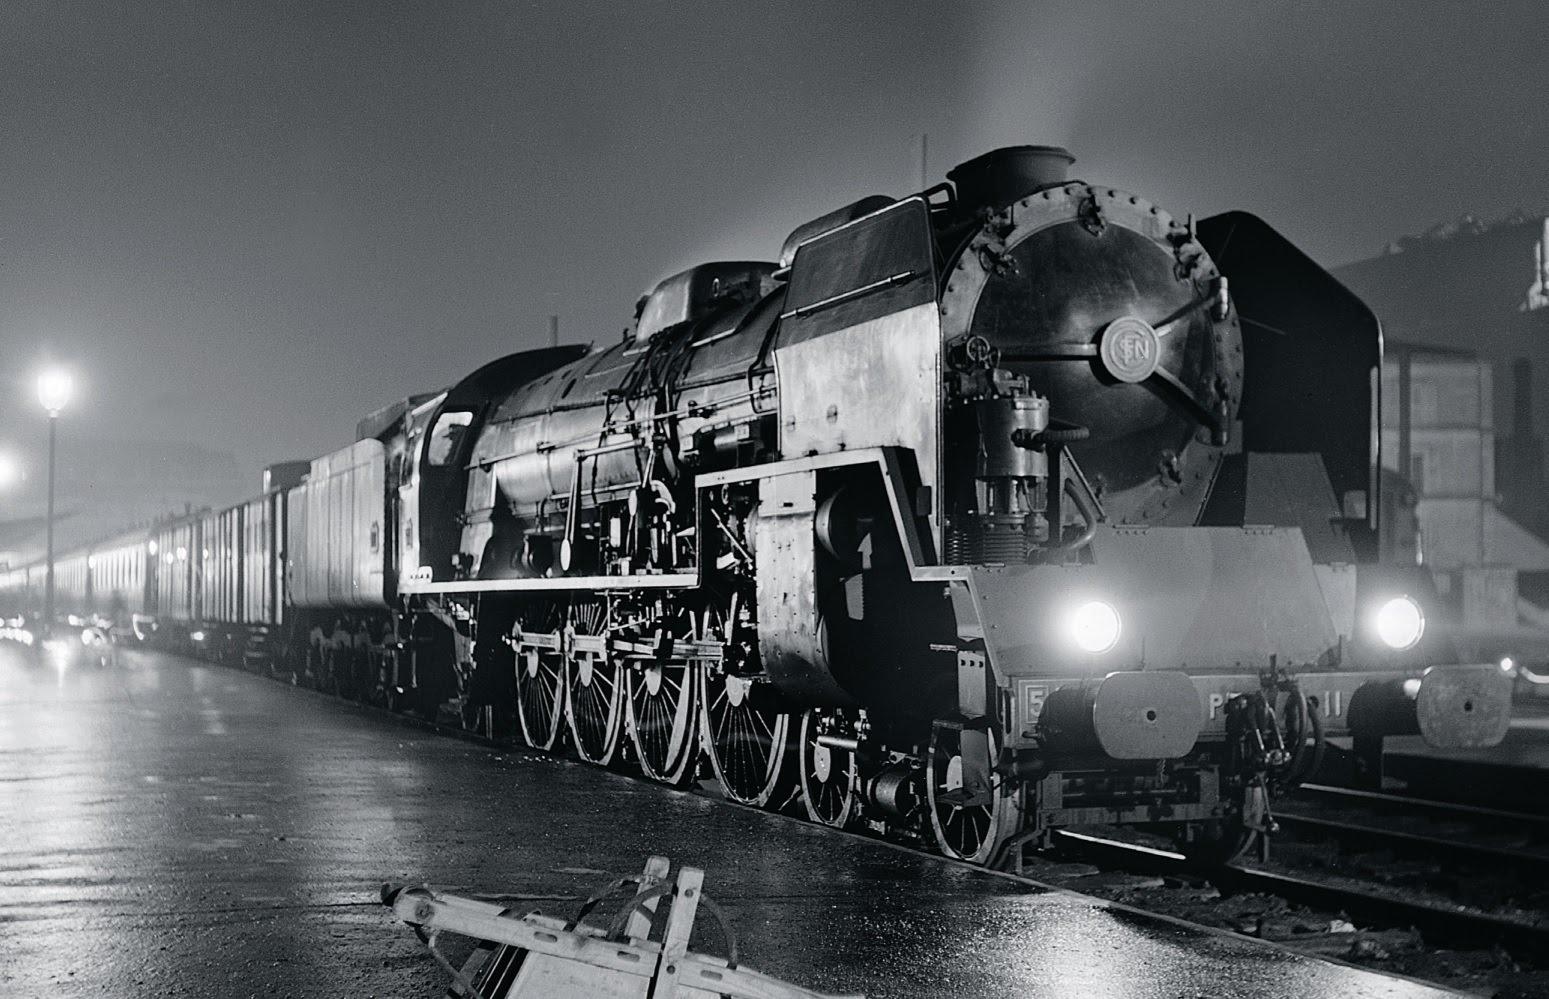 Voyage (en train) au bout de la nuit